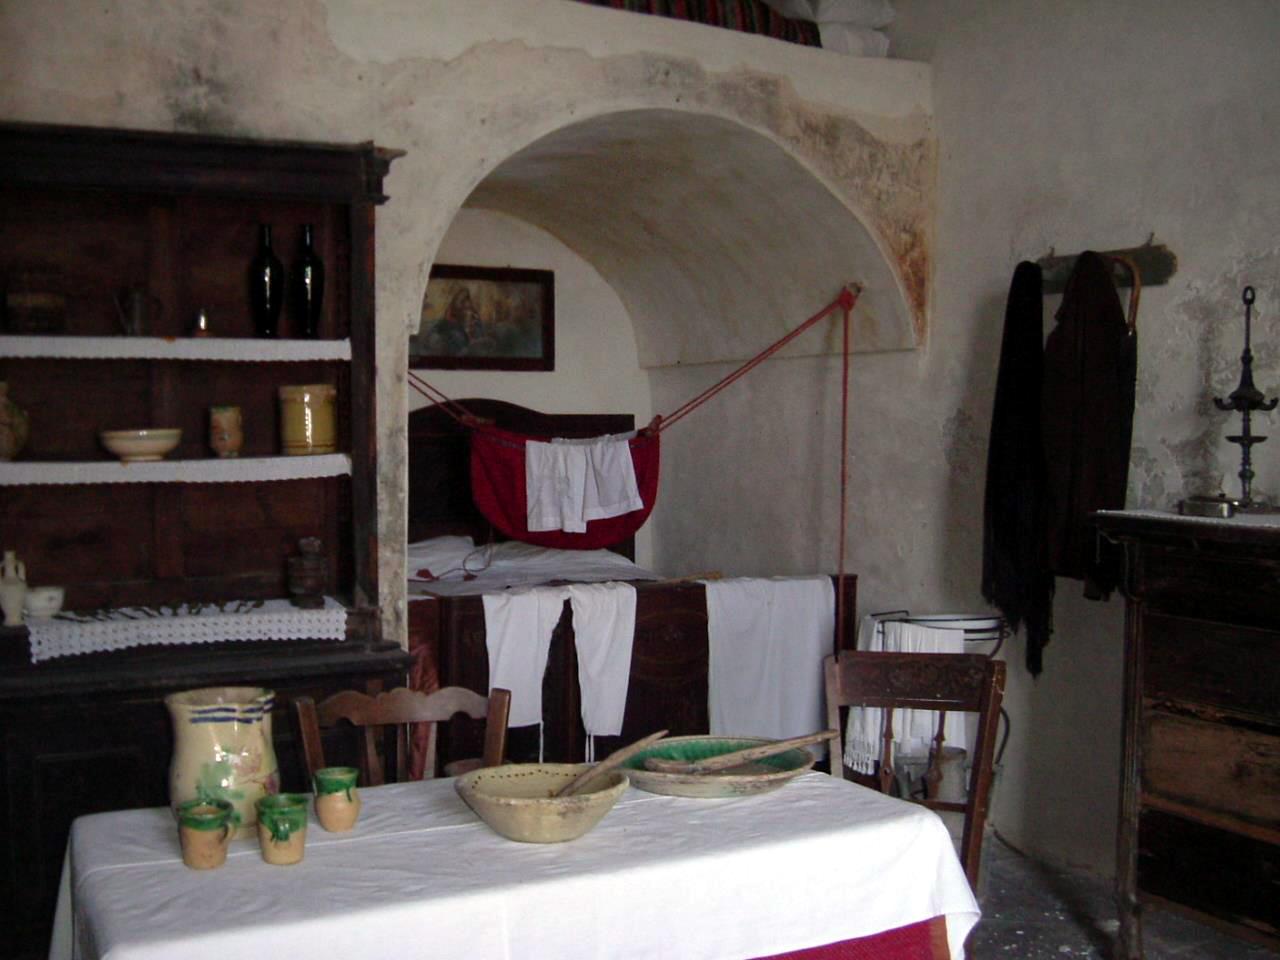 Giarratana - Museo a cielo aperto